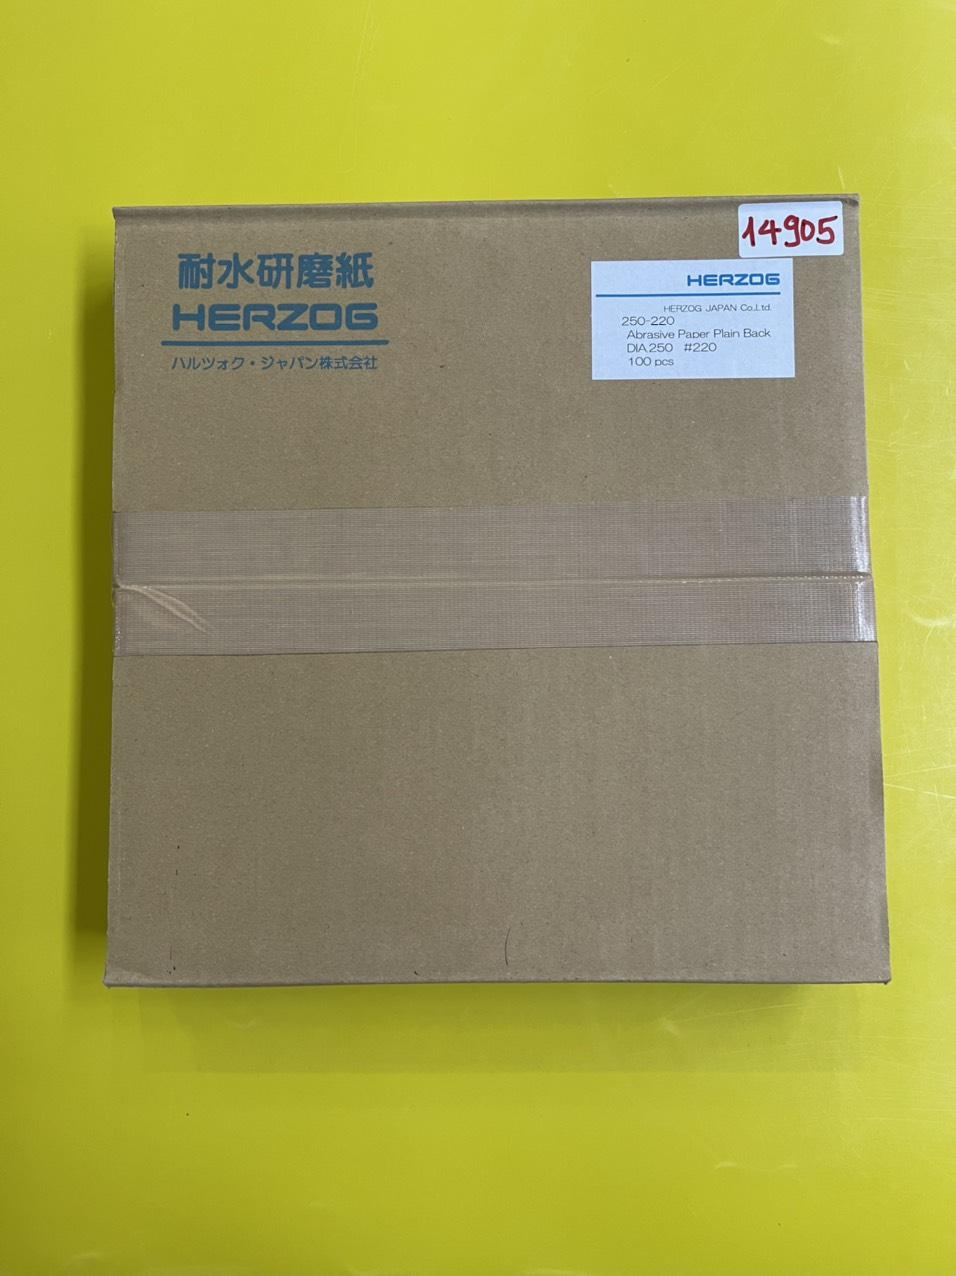 Giấy mài mẫu độ mịn grit #220, loại  không có keo dính đường kính 250mm  250-220 Herzog